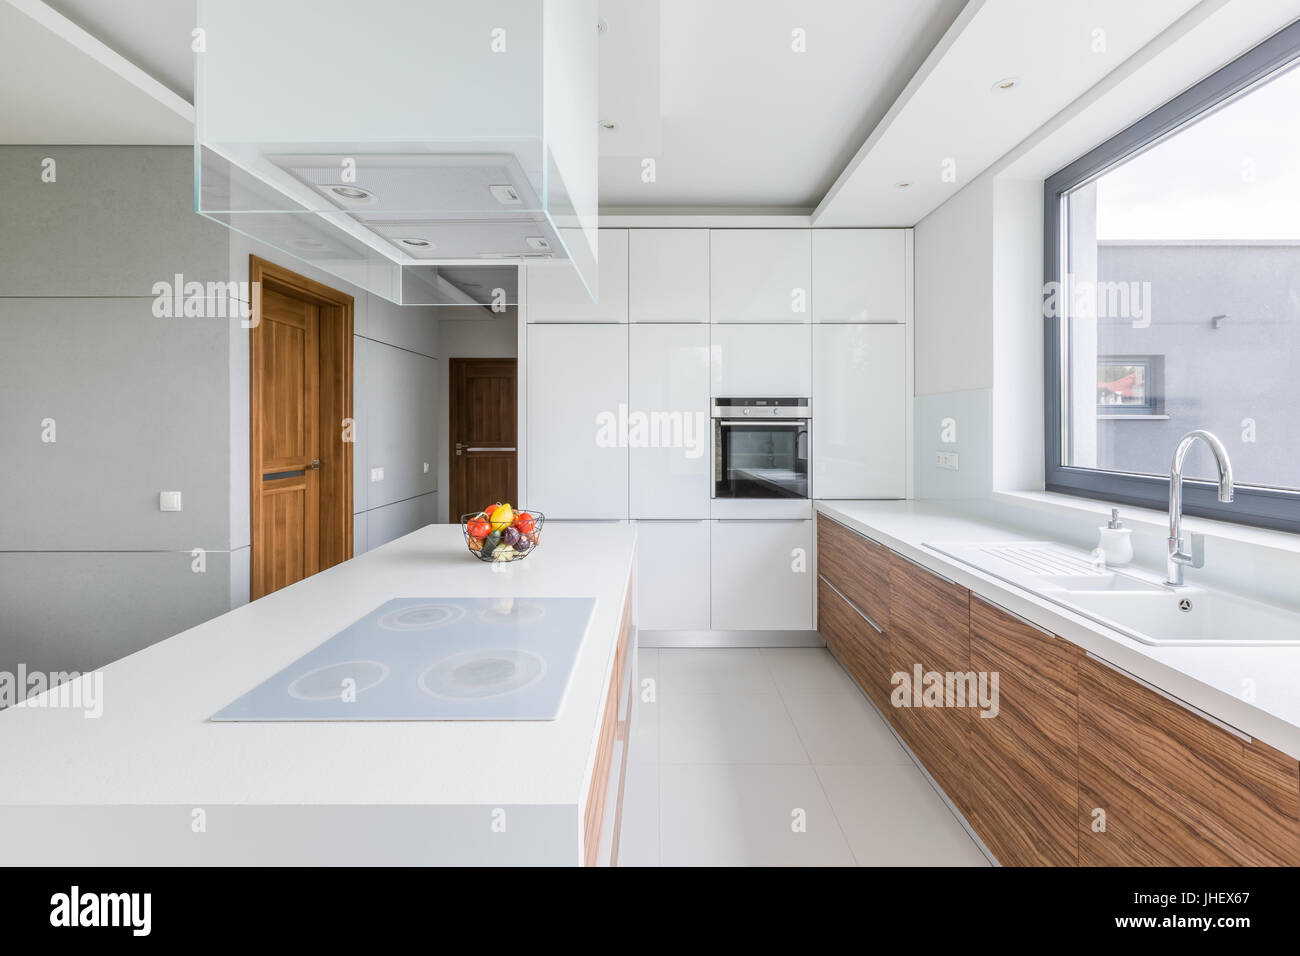 Wooden Cupboards Stockfotos & Wooden Cupboards Bilder - Alamy